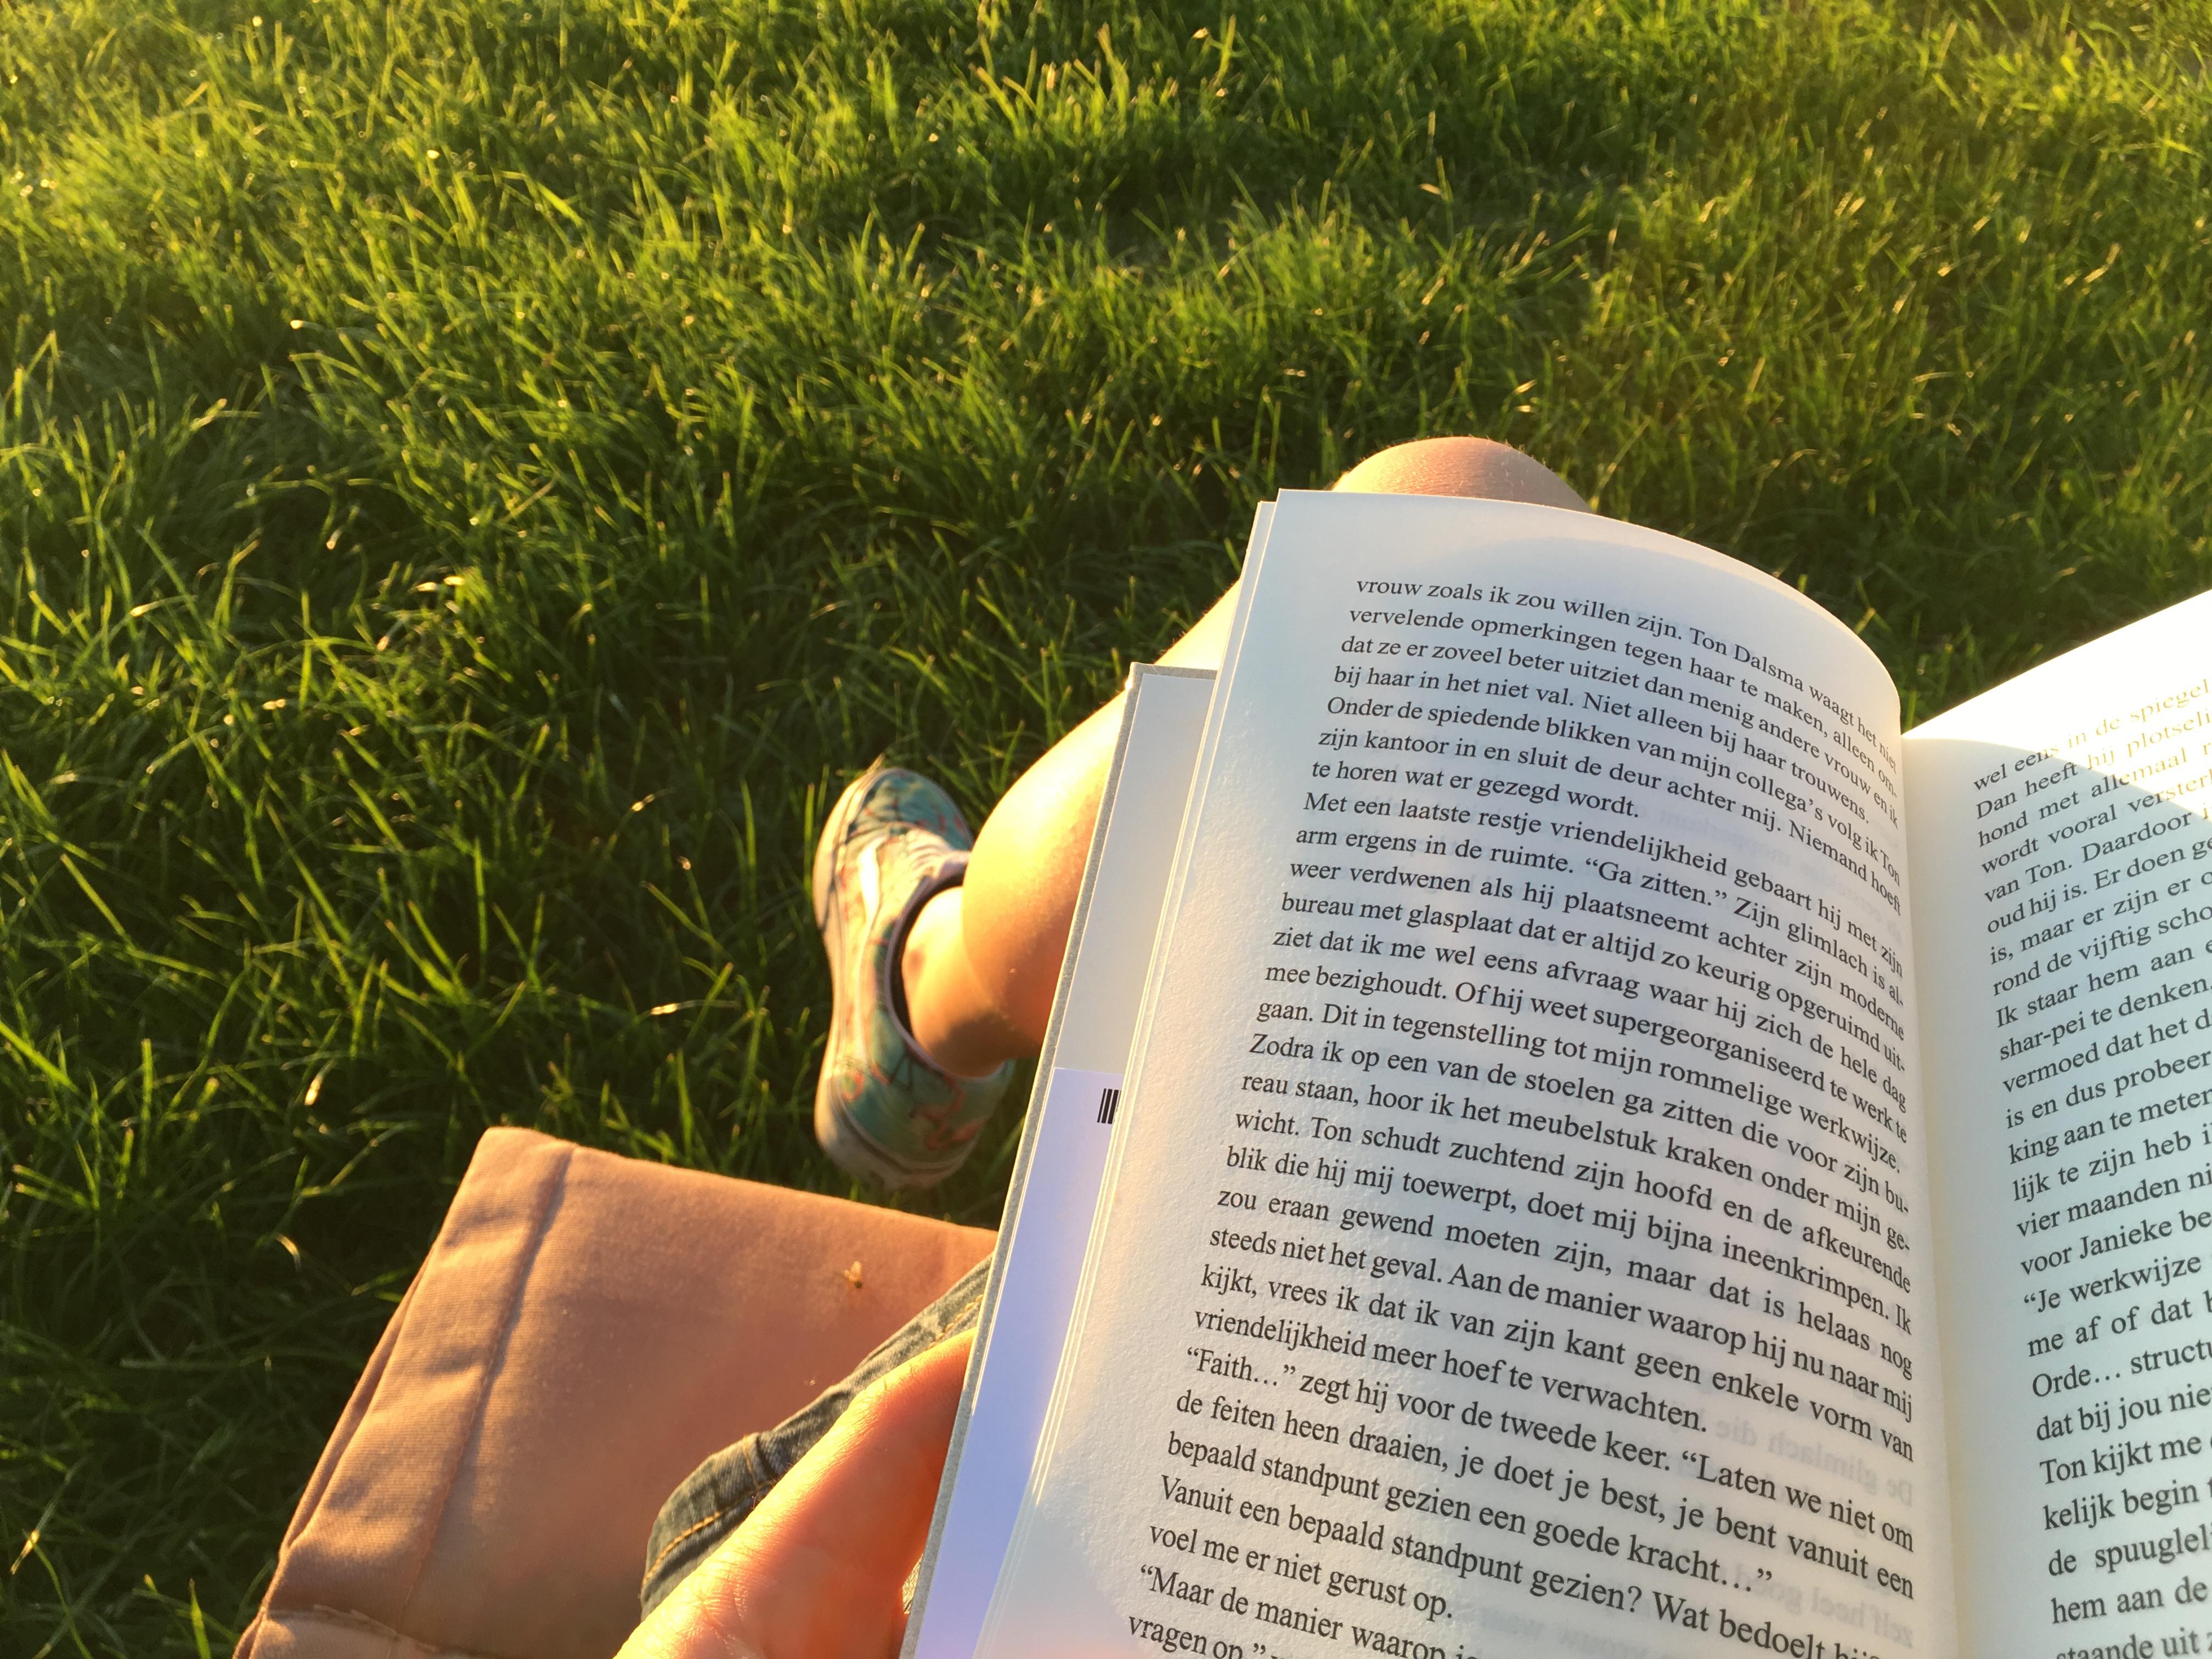 Boek lezen tijdens zonsondergang op vliegveld Teuge tijdens het Nederlands Kampioenschap Parachutespringen.